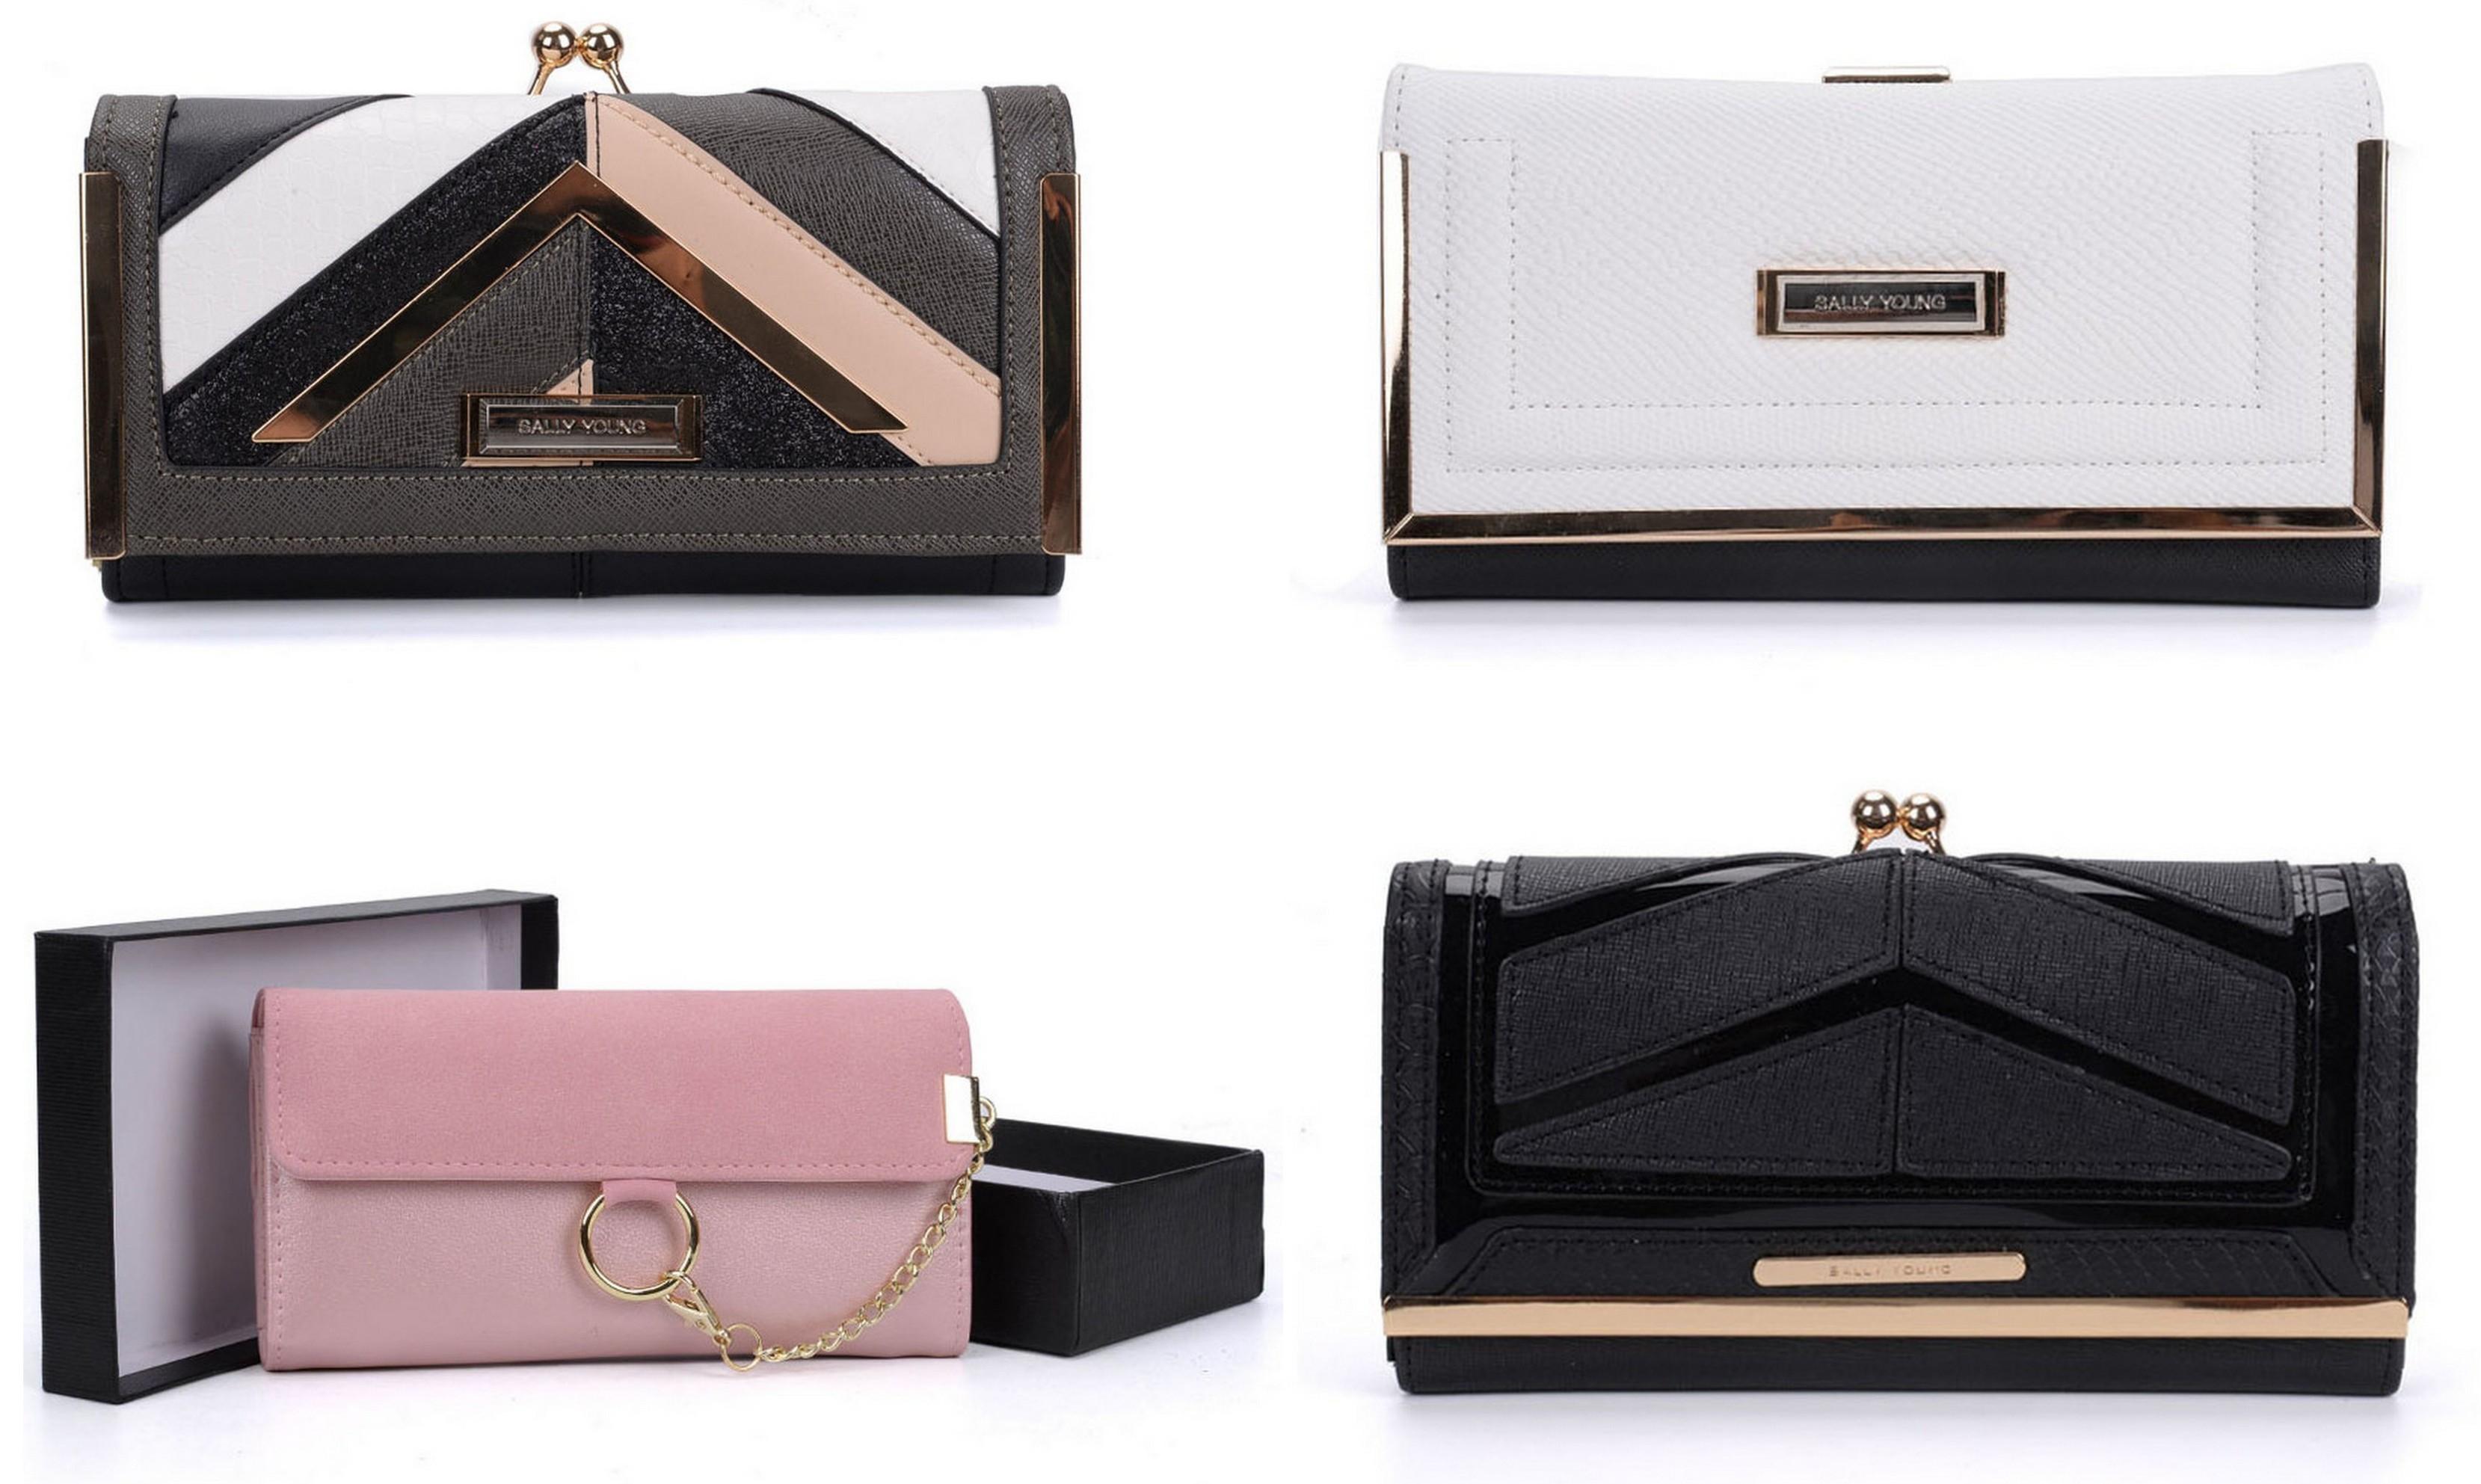 tanie modne portfele damskie